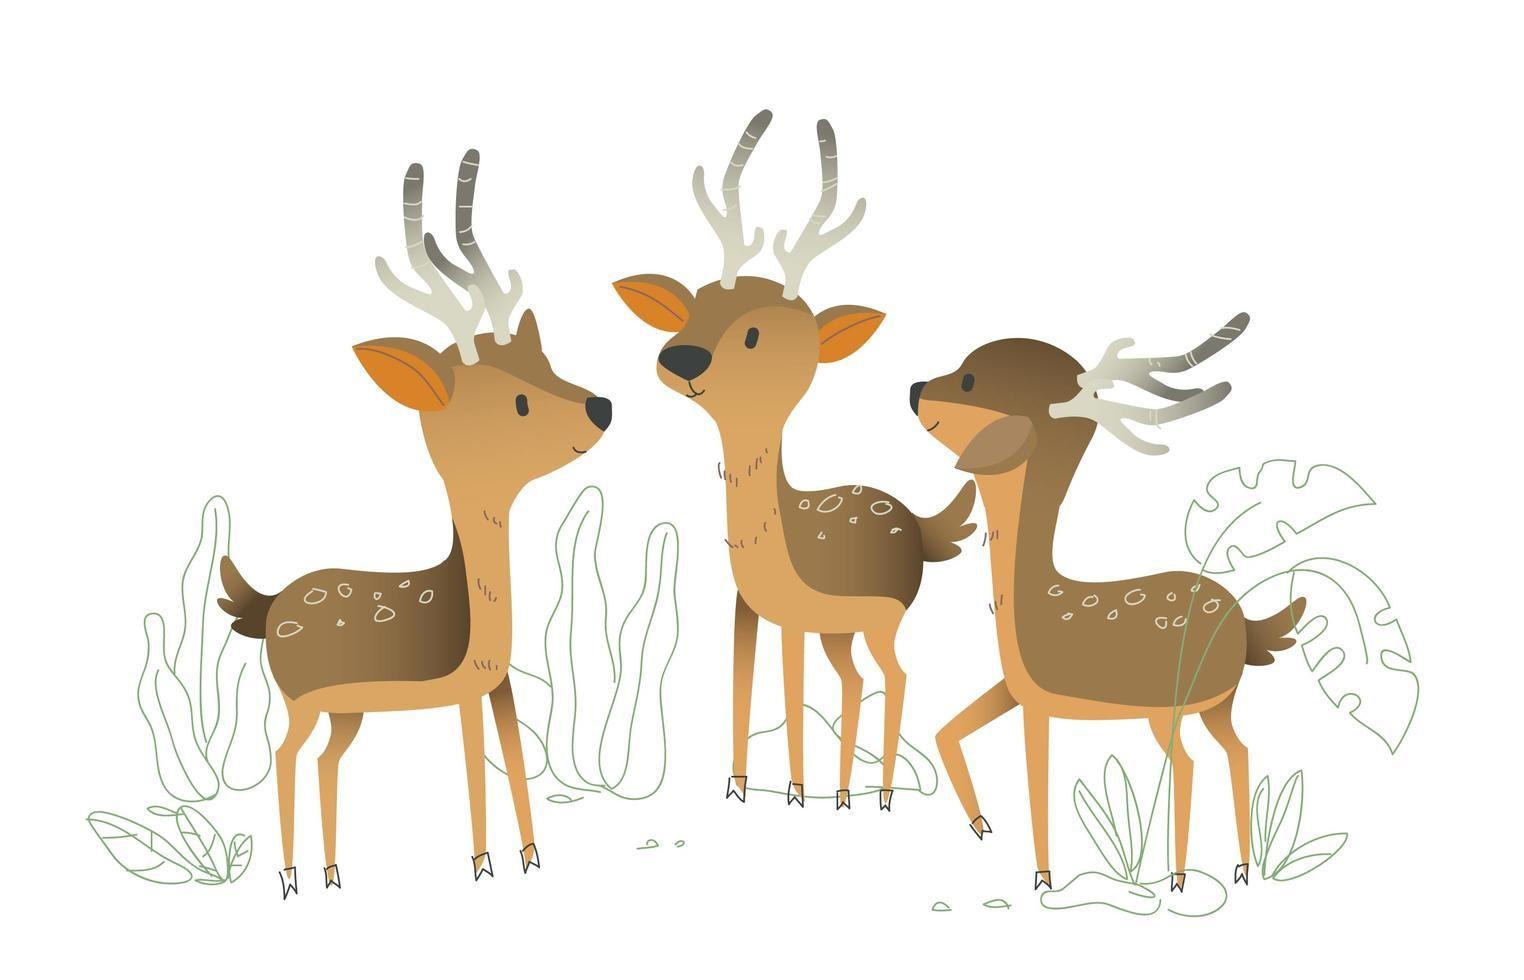 Cute deer character vector illustration dengan gambar